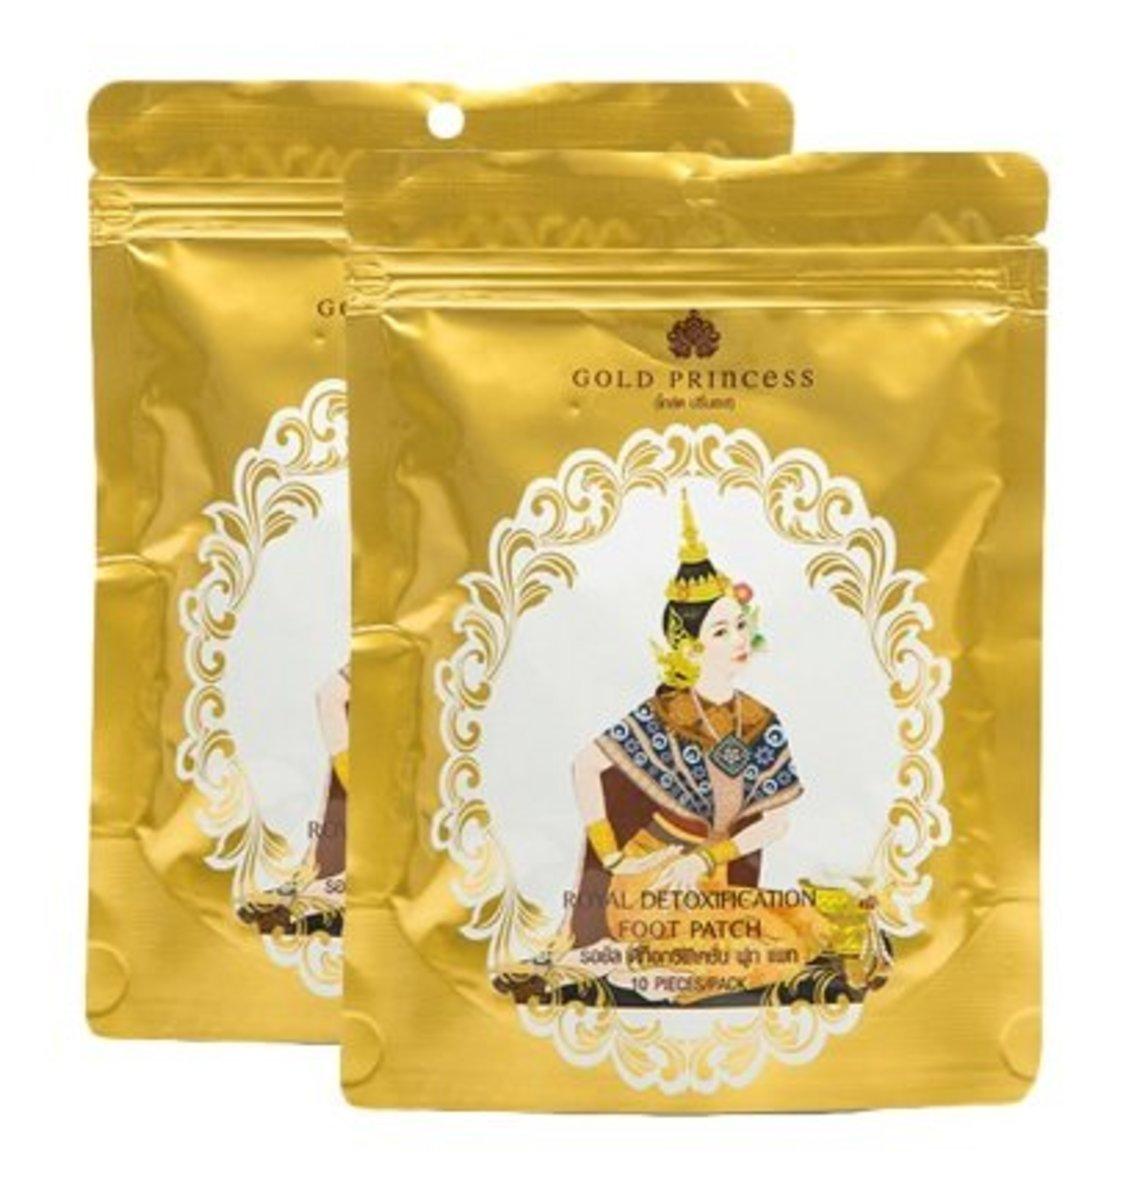 泰國皇家艾草祛濕養生足貼 10貼 - 2包